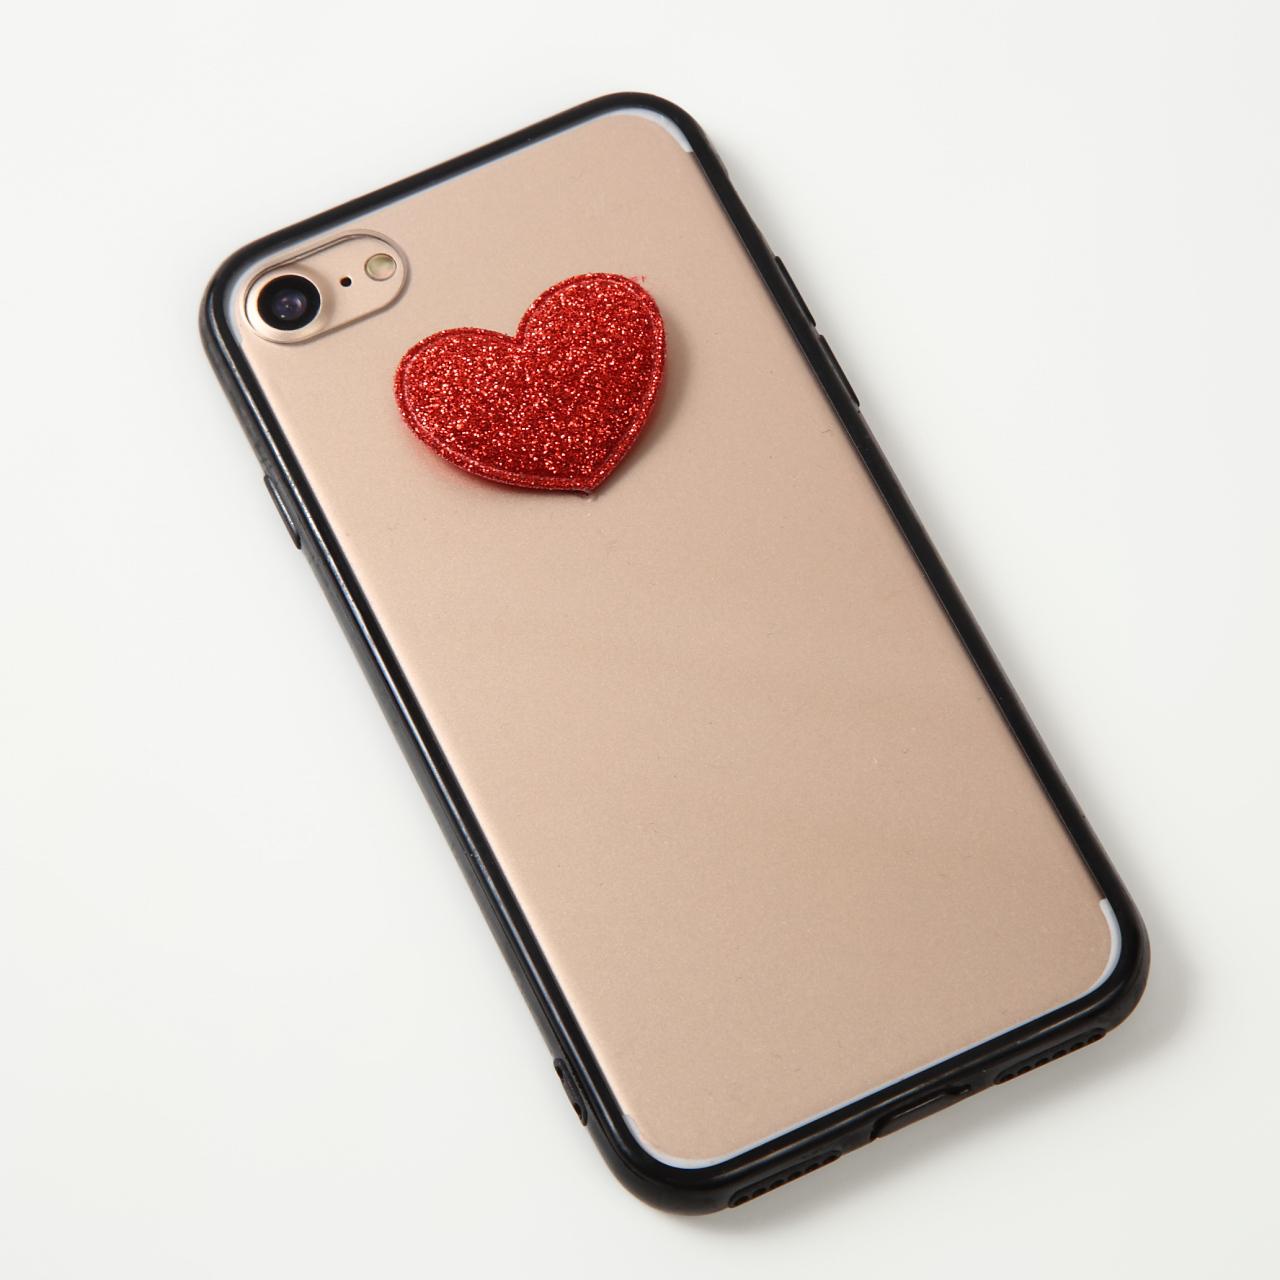 【即納★送料無料】縁ブラッククリアケースにかわいいハート付iPhoneケース